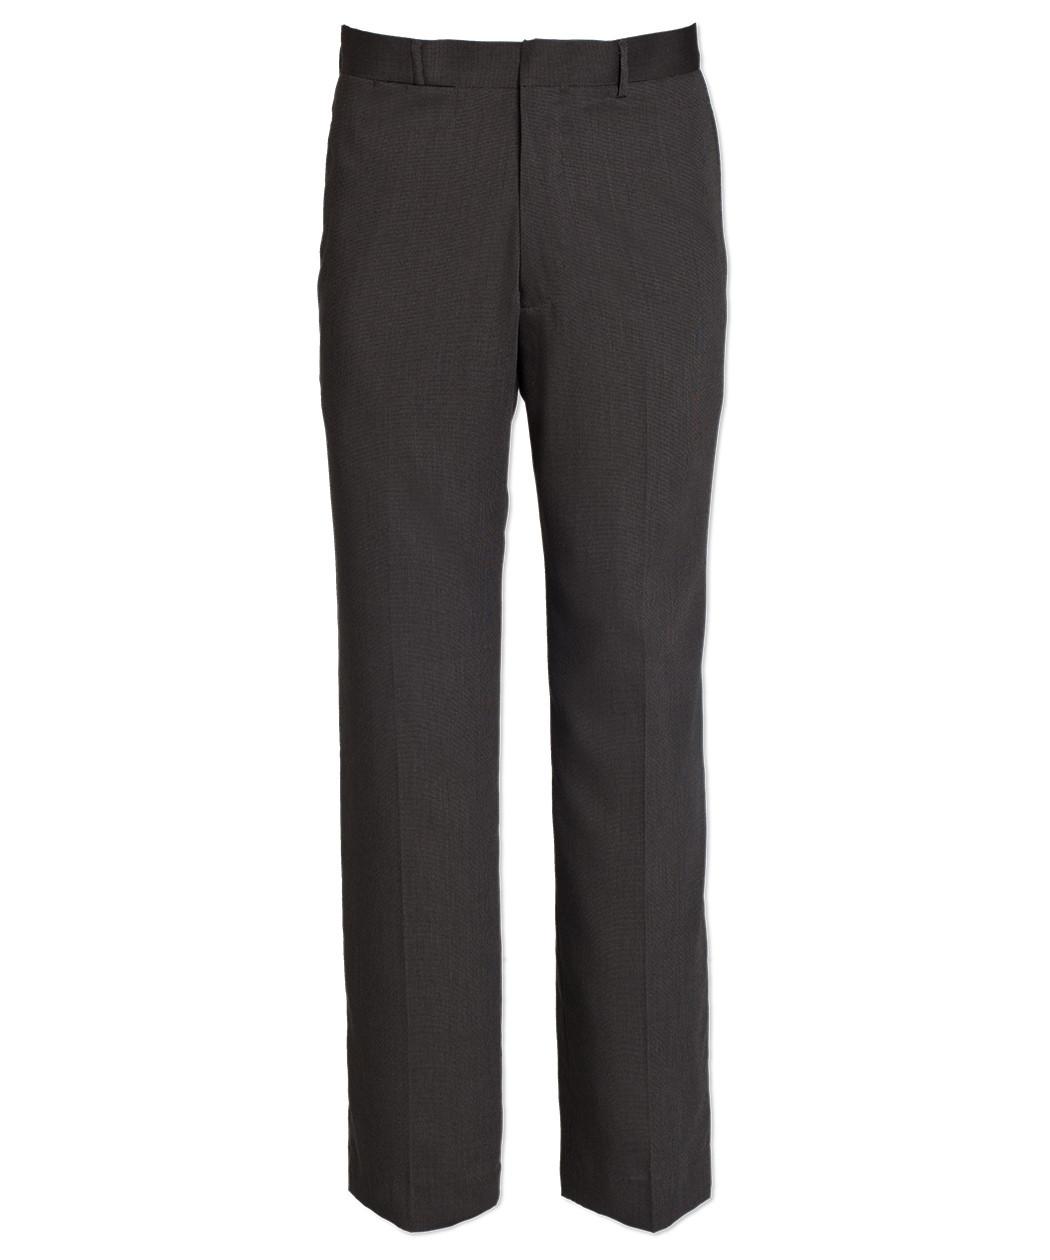 van heusen studio classic fit texture pant van heusen mens pants